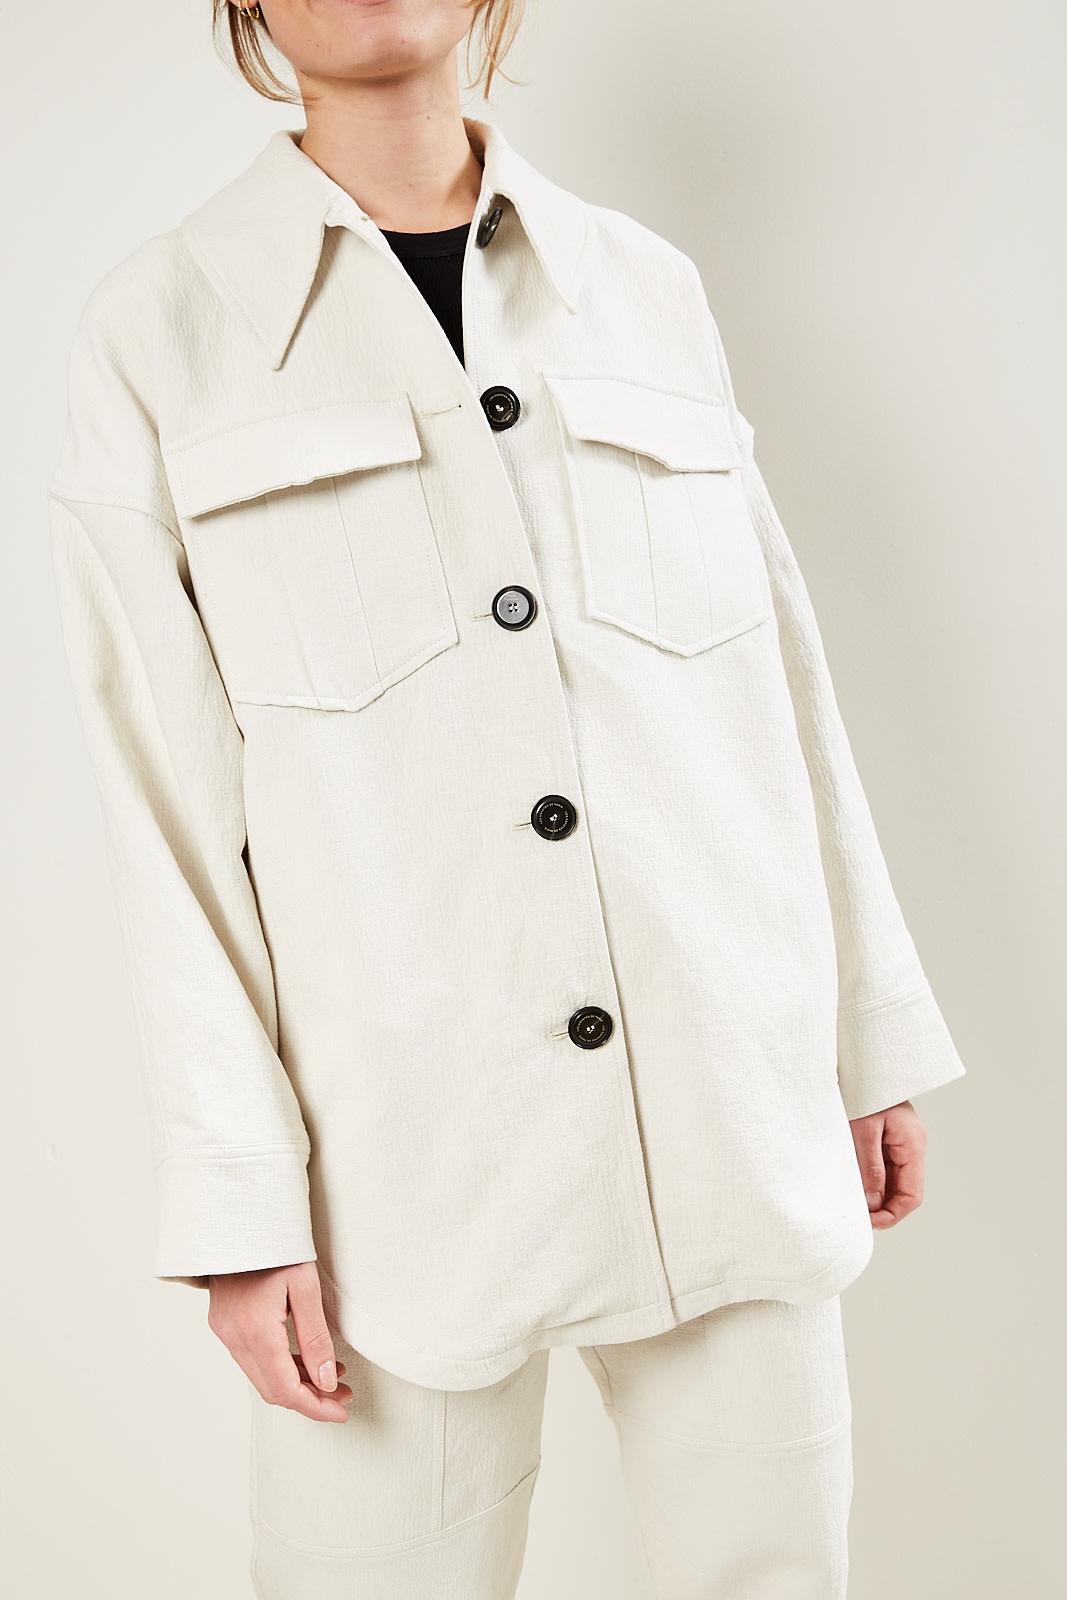 Les Coyotes de Paris - Athene cotton linen jacket